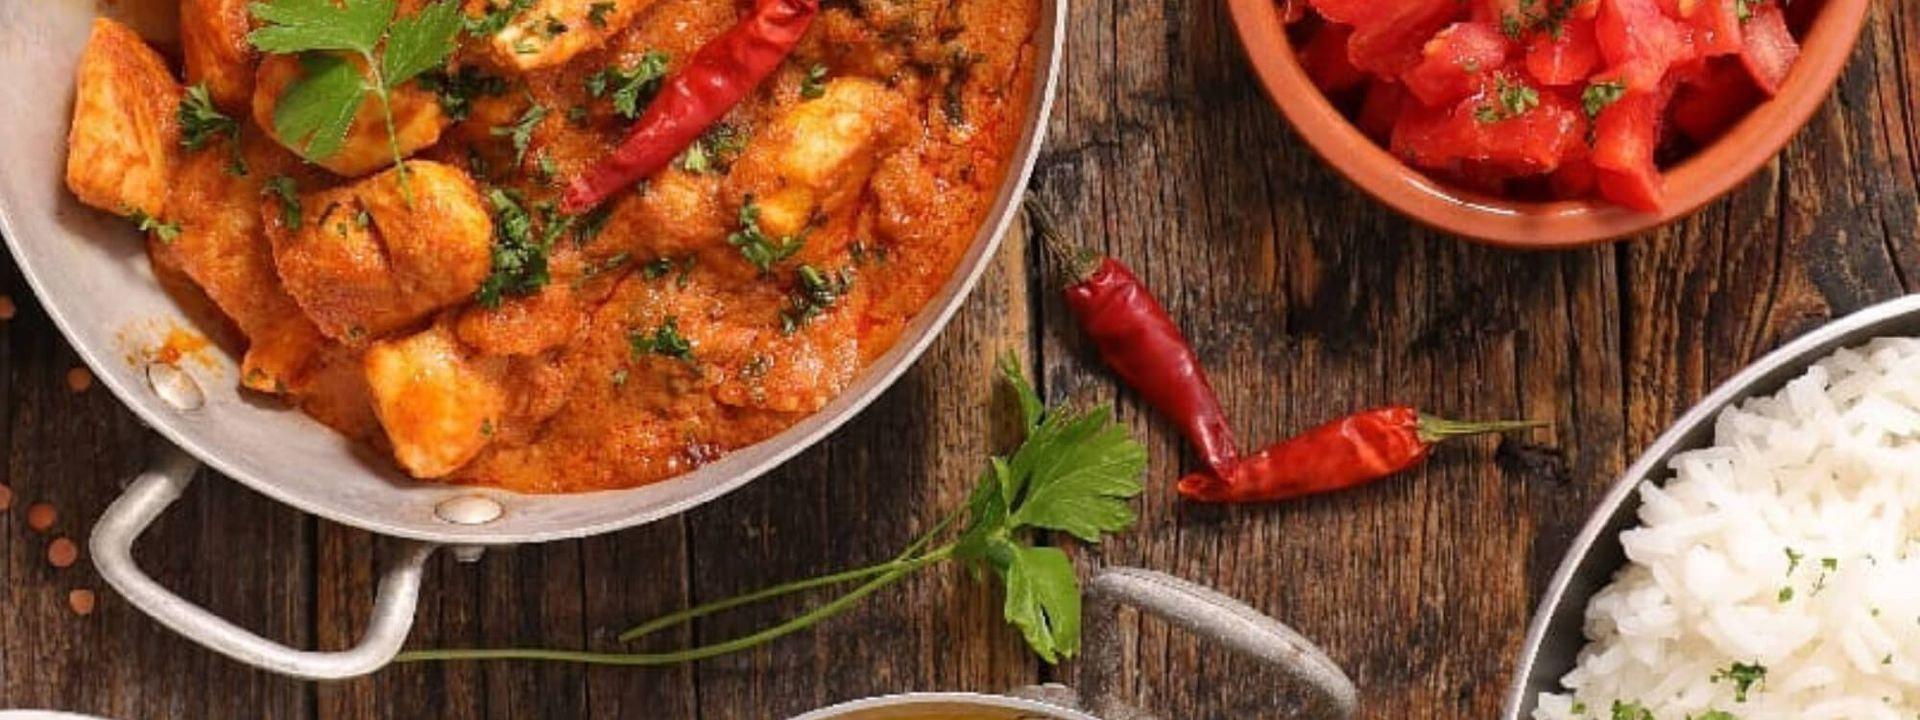 Deeva Indian Food